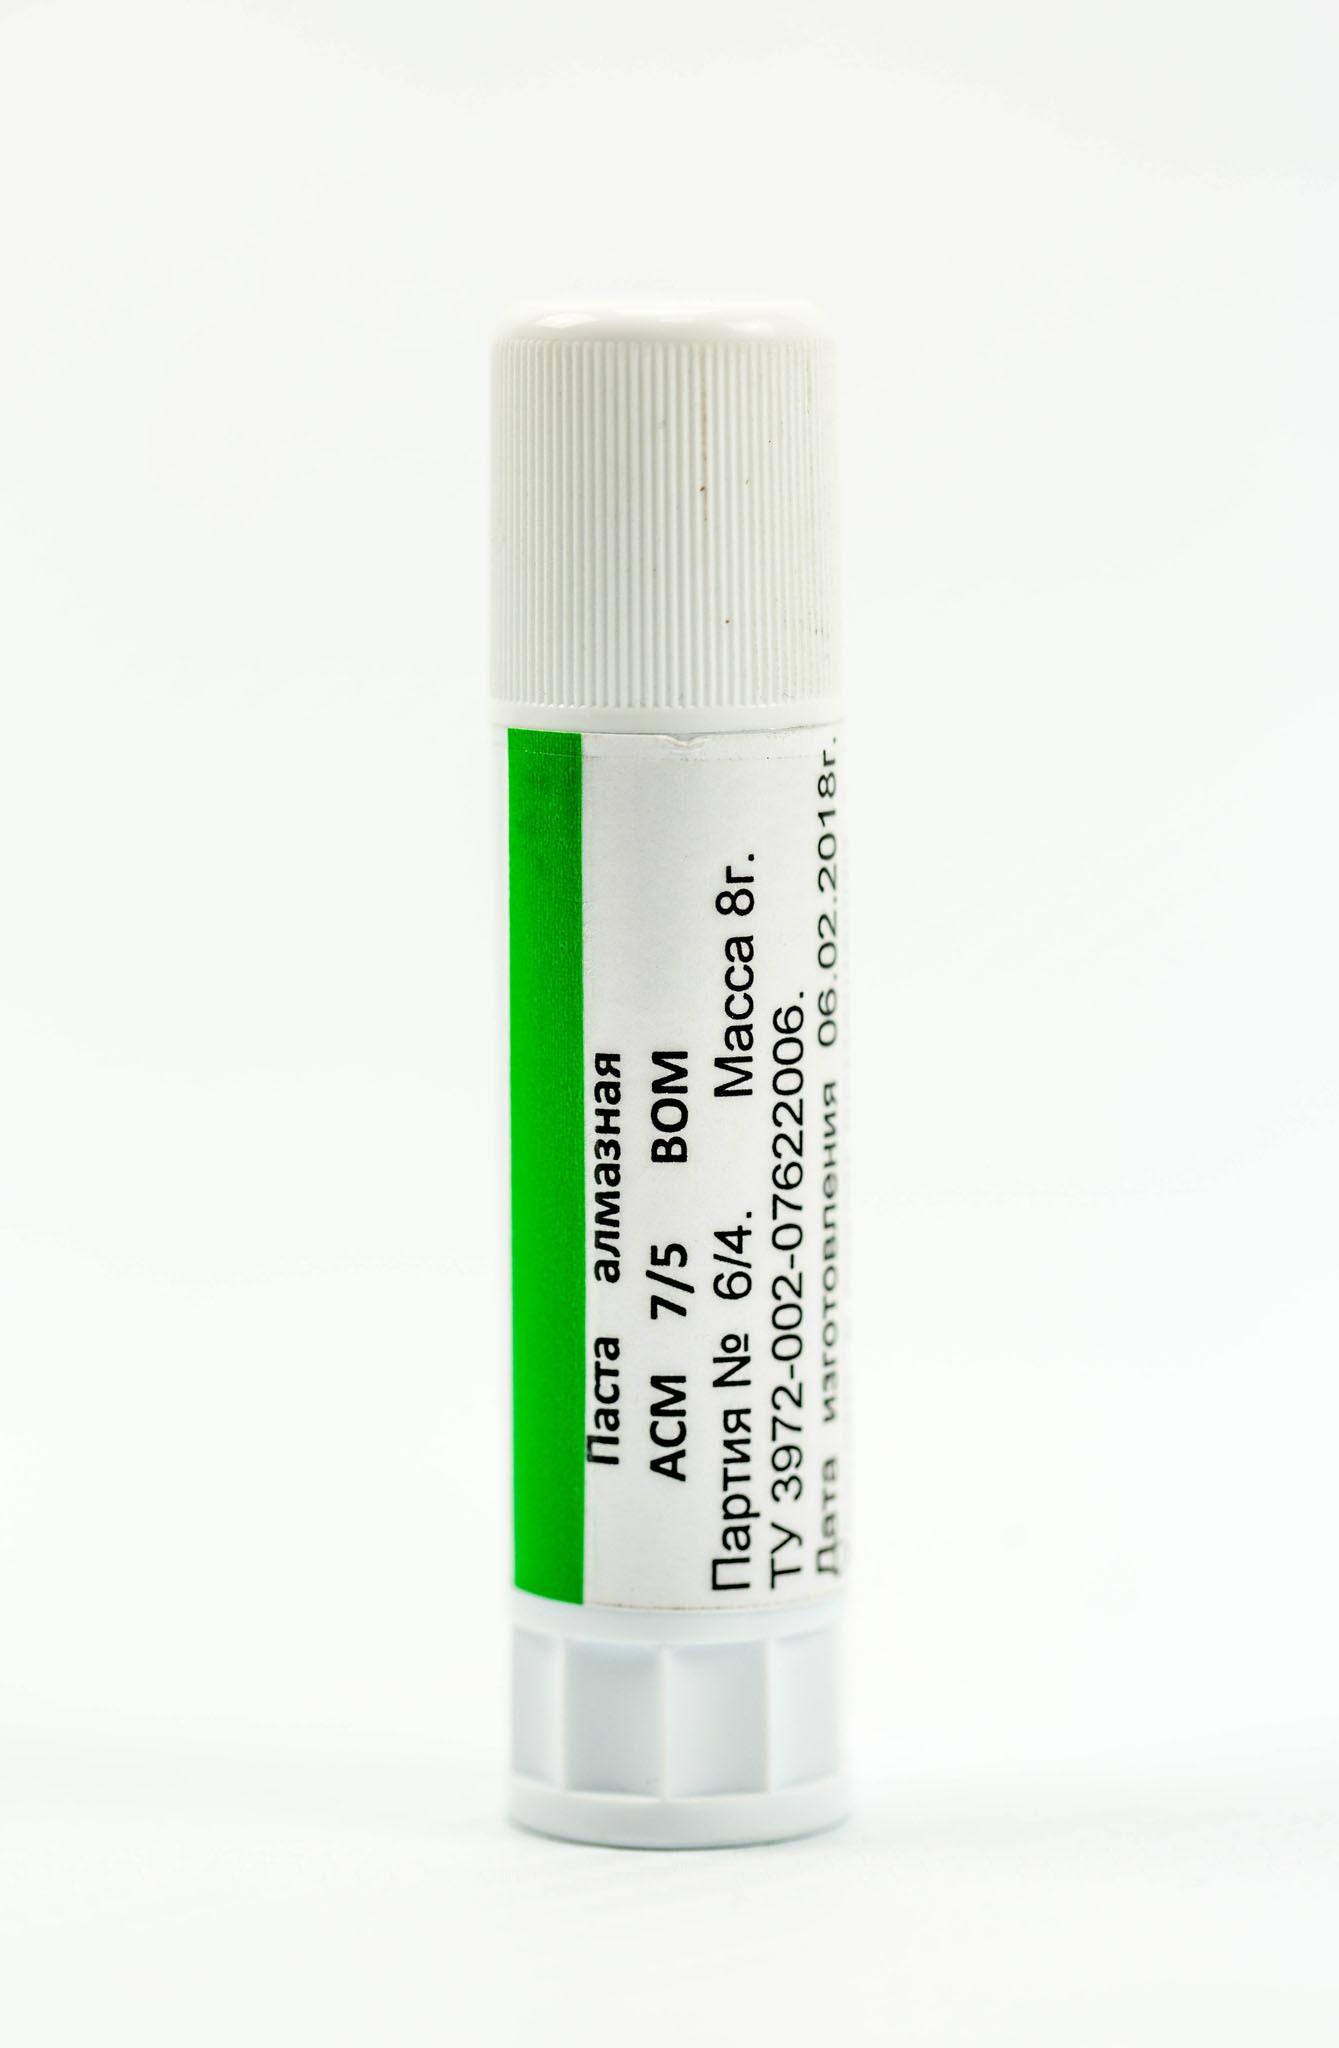 Алмазная паста BOM ACM 7/5, 8 гр от Веневский  завод алмазных инструментов